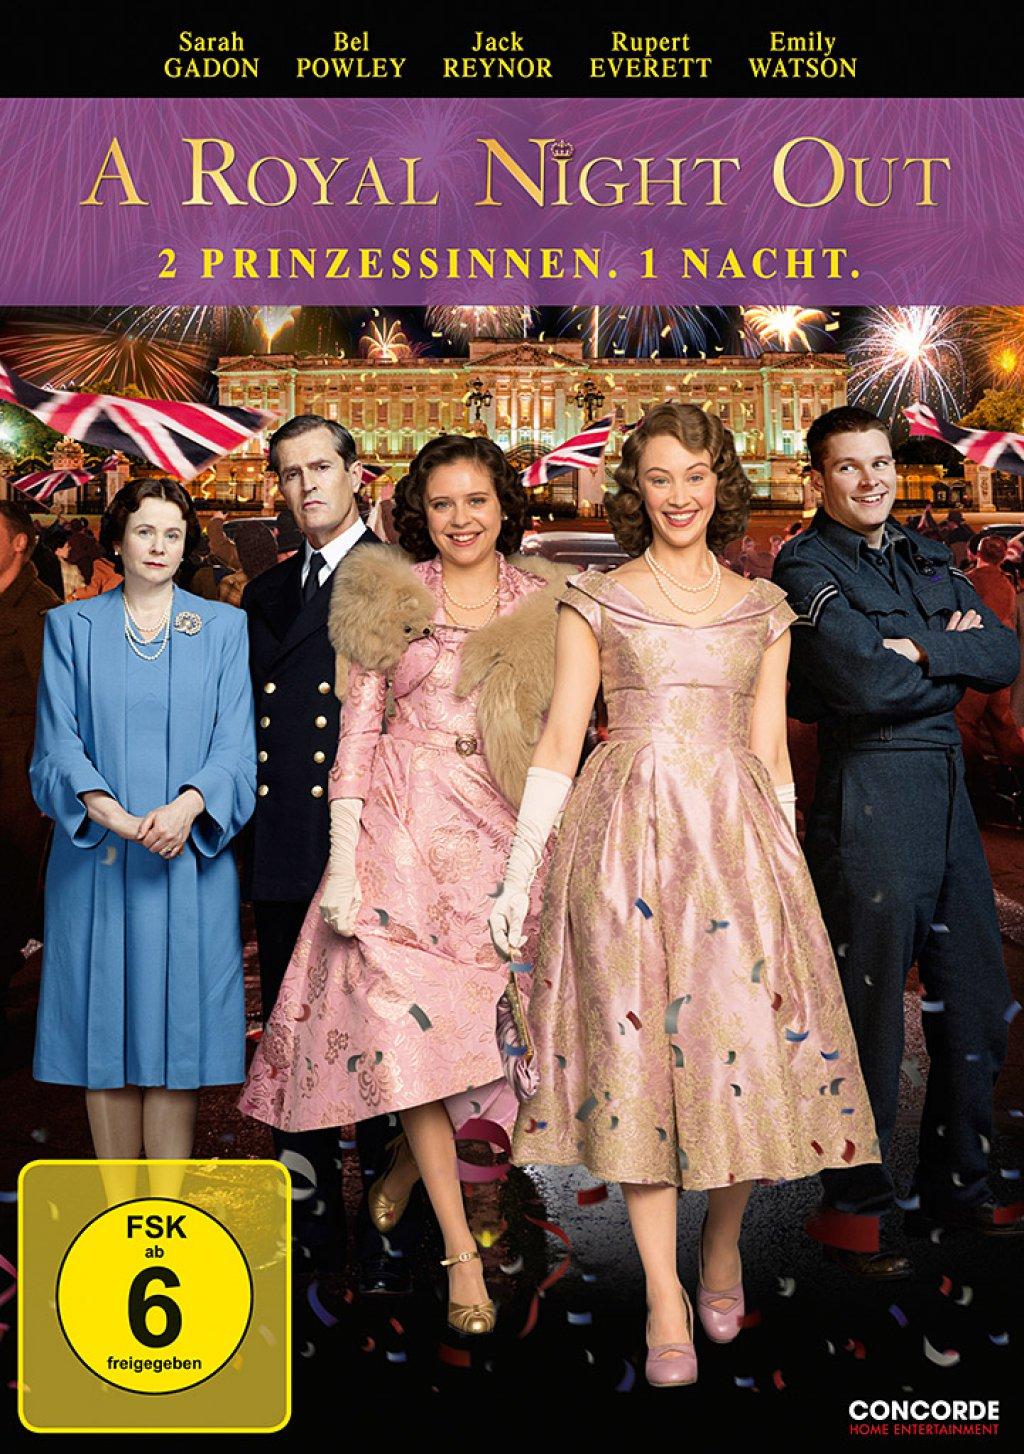 A Royal Night Out - 2 Prinzessinnen. 1 Nacht. (DVD)